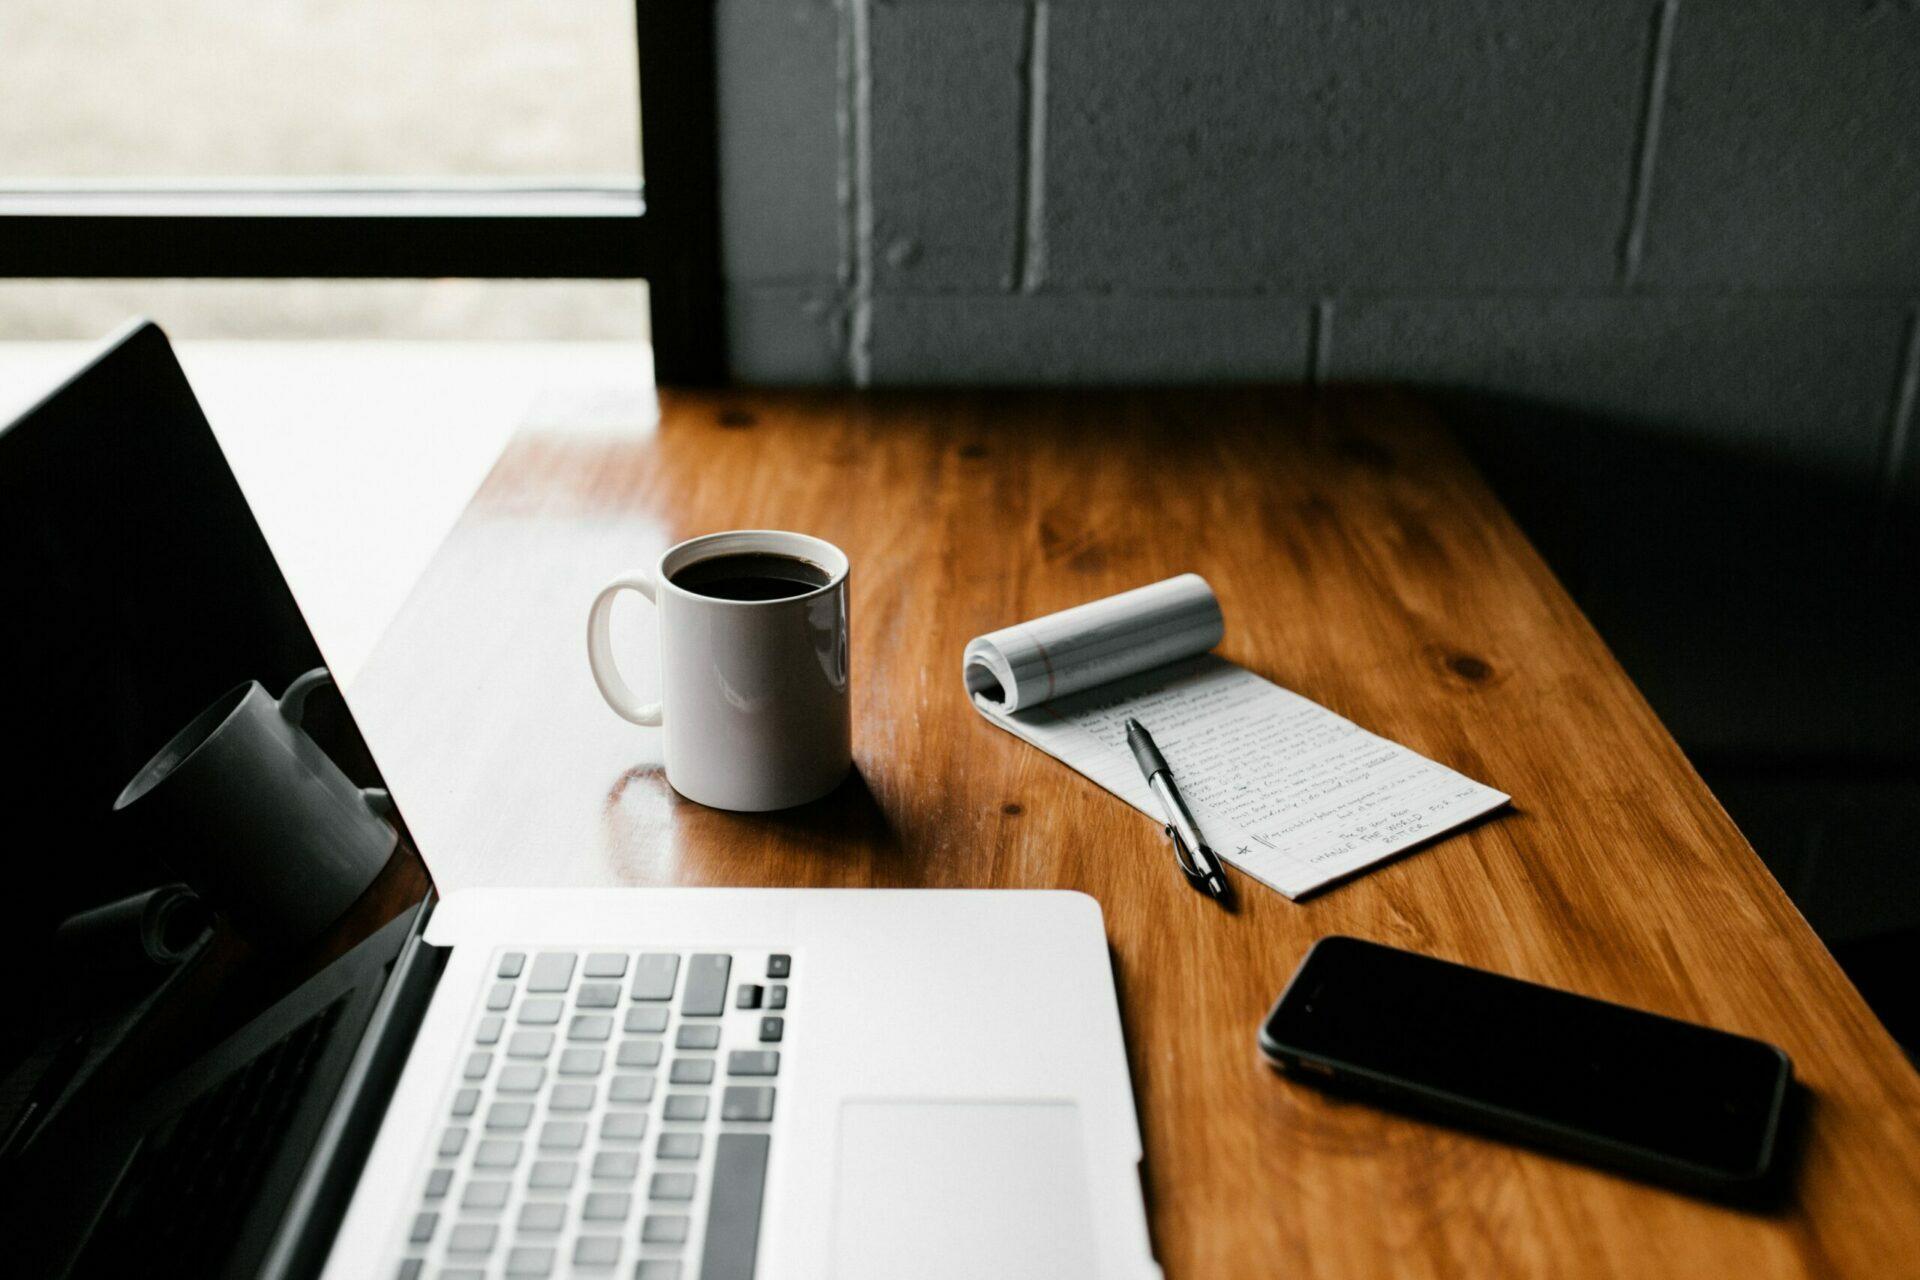 Ein Laptop, ein Notizblock, ein Stift, ein Handy und eine Tasse Kaffee auf einem Schreibtisch.